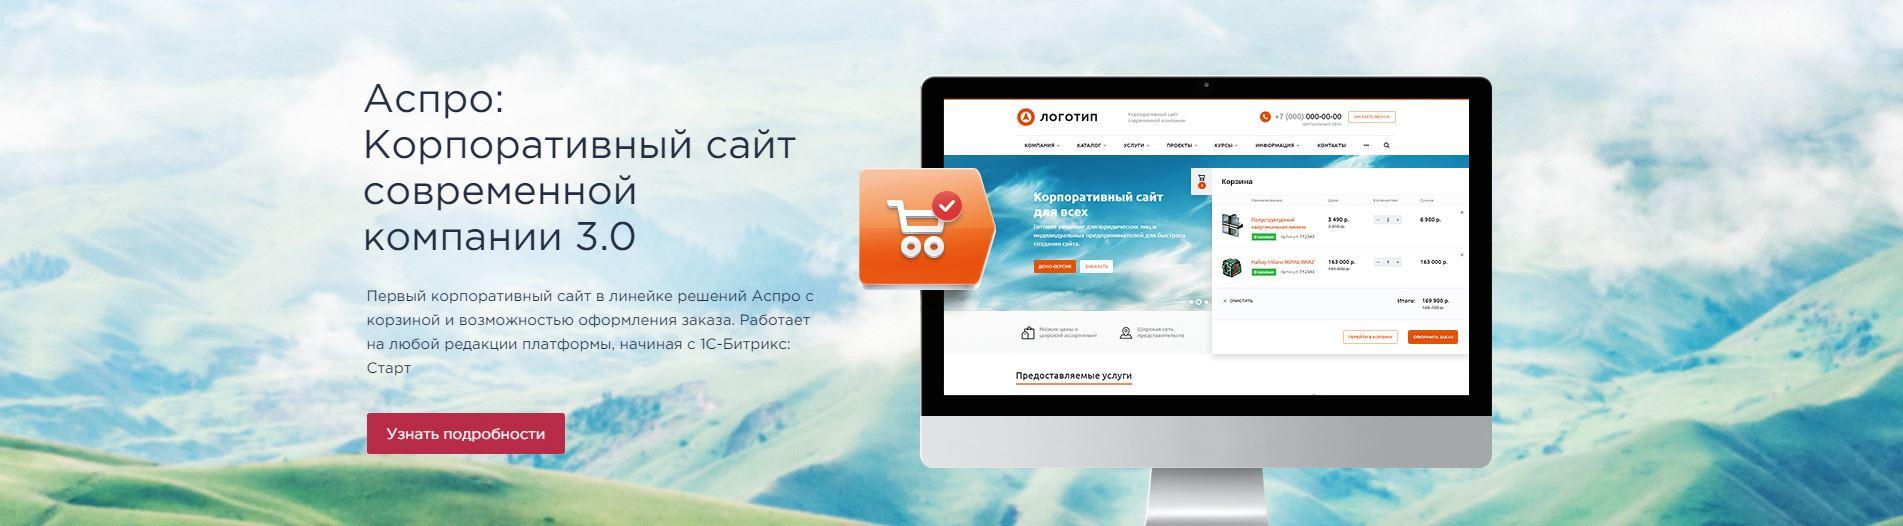 вологда официальный сайт администрации города фио начальника автопарка